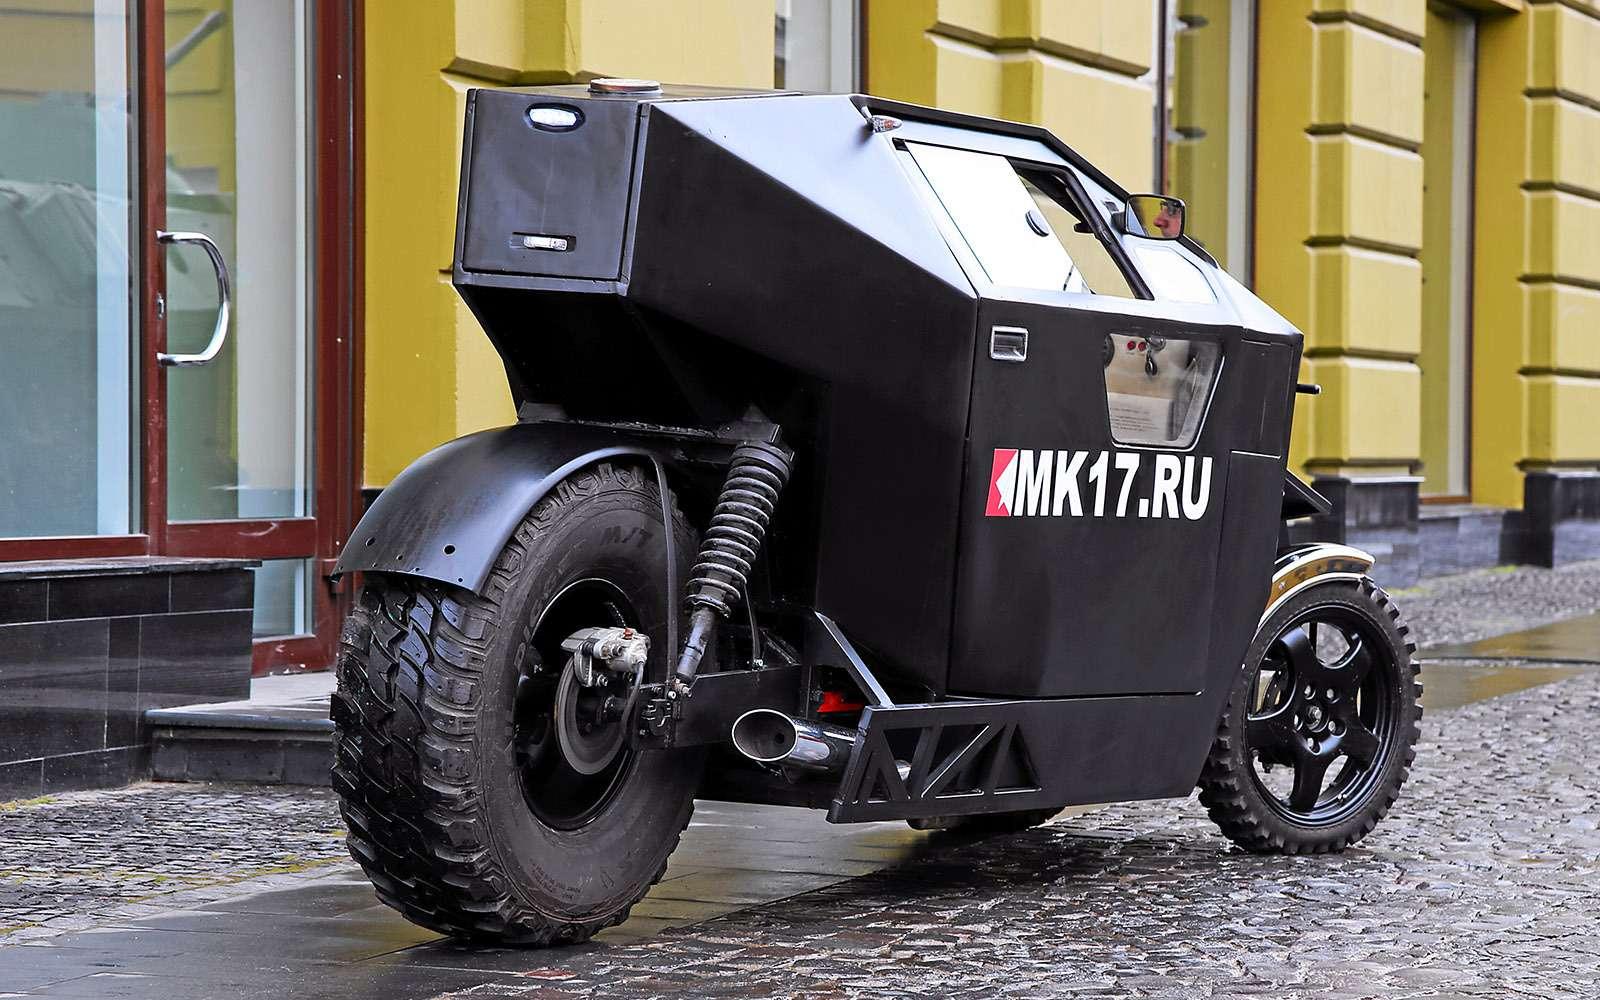 Трицикл МК-17: еще мотоцикл или уже автомобиль?— фото 680783